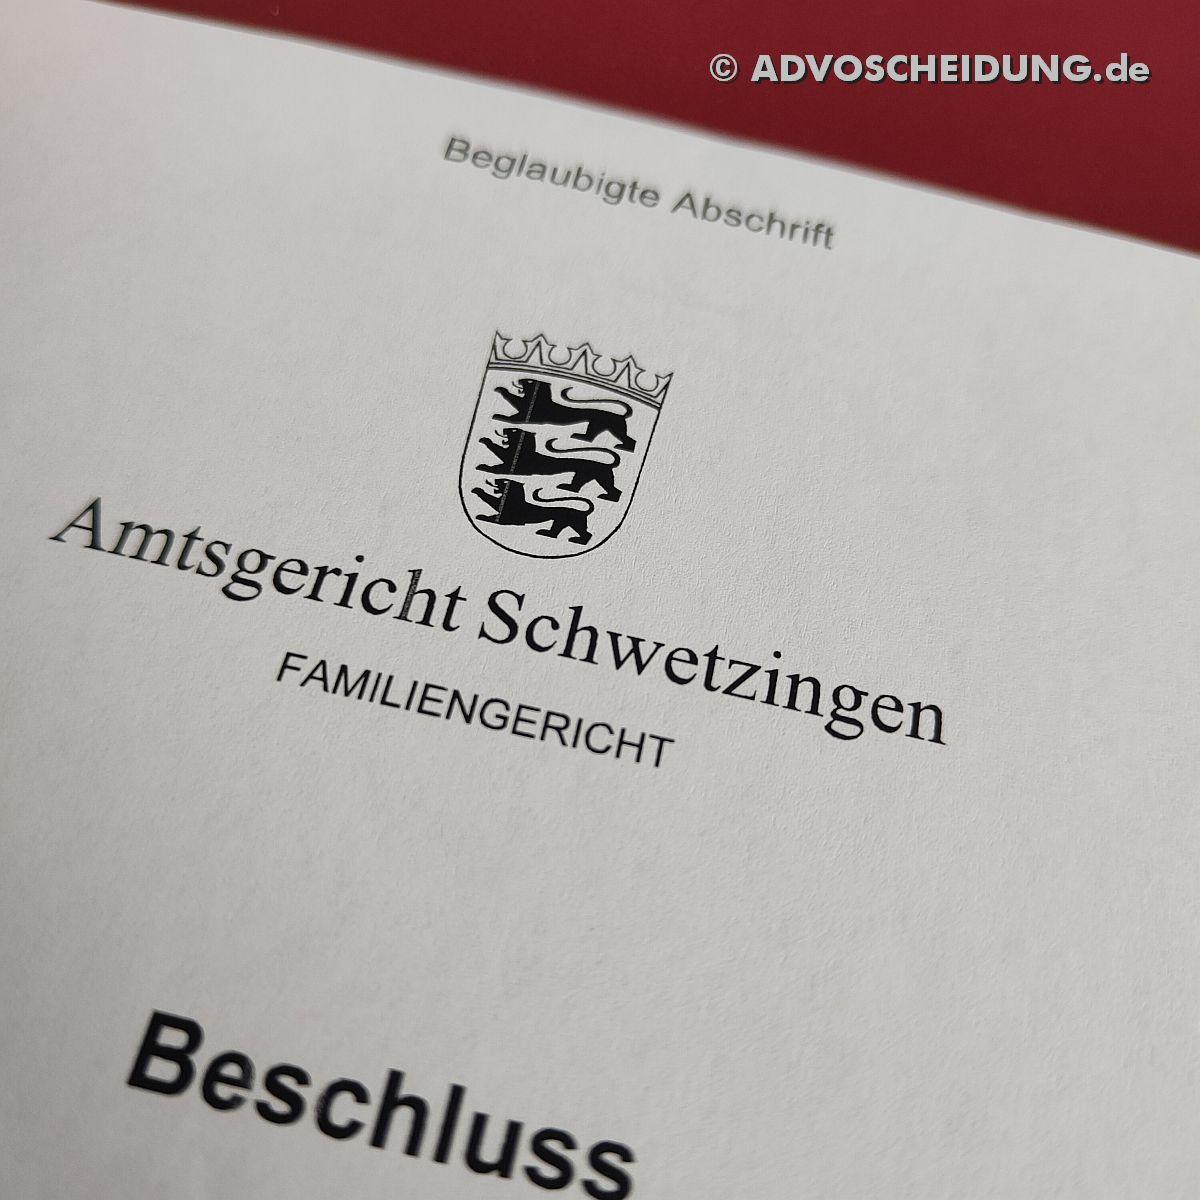 Scheidung online einreichen über das beA in Schwetzingen